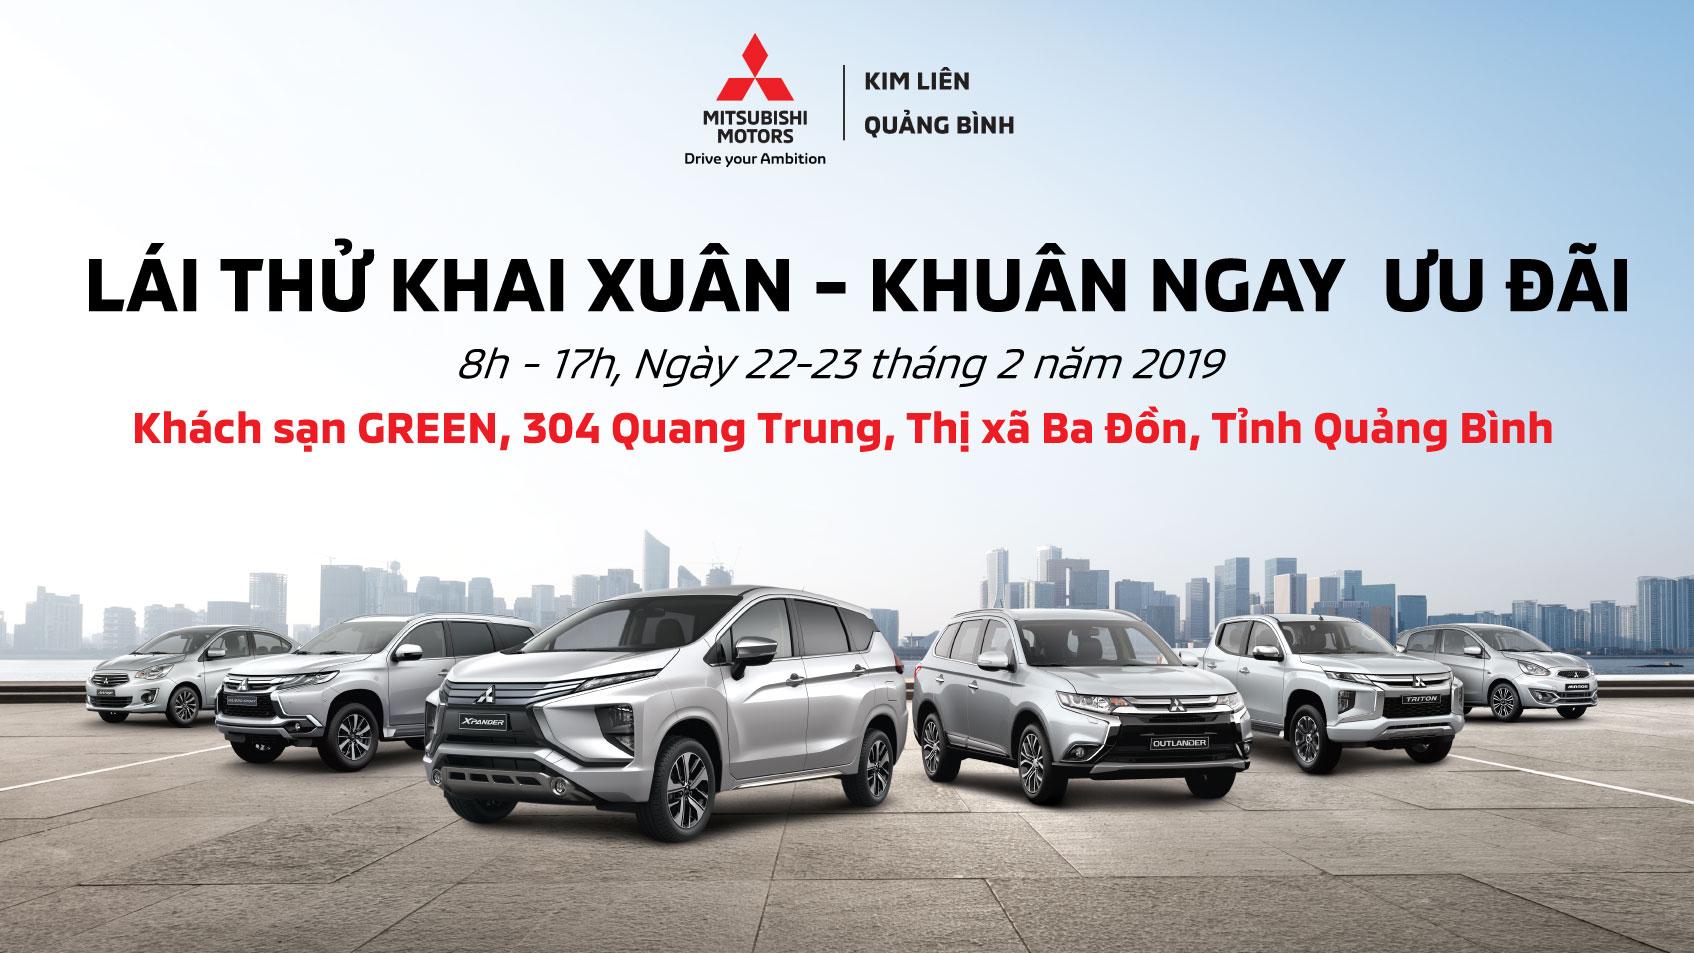 Sự kiện trưng bày và lái thử xe tại Thị xã Ba Đồn tỉnh Quảng Bình